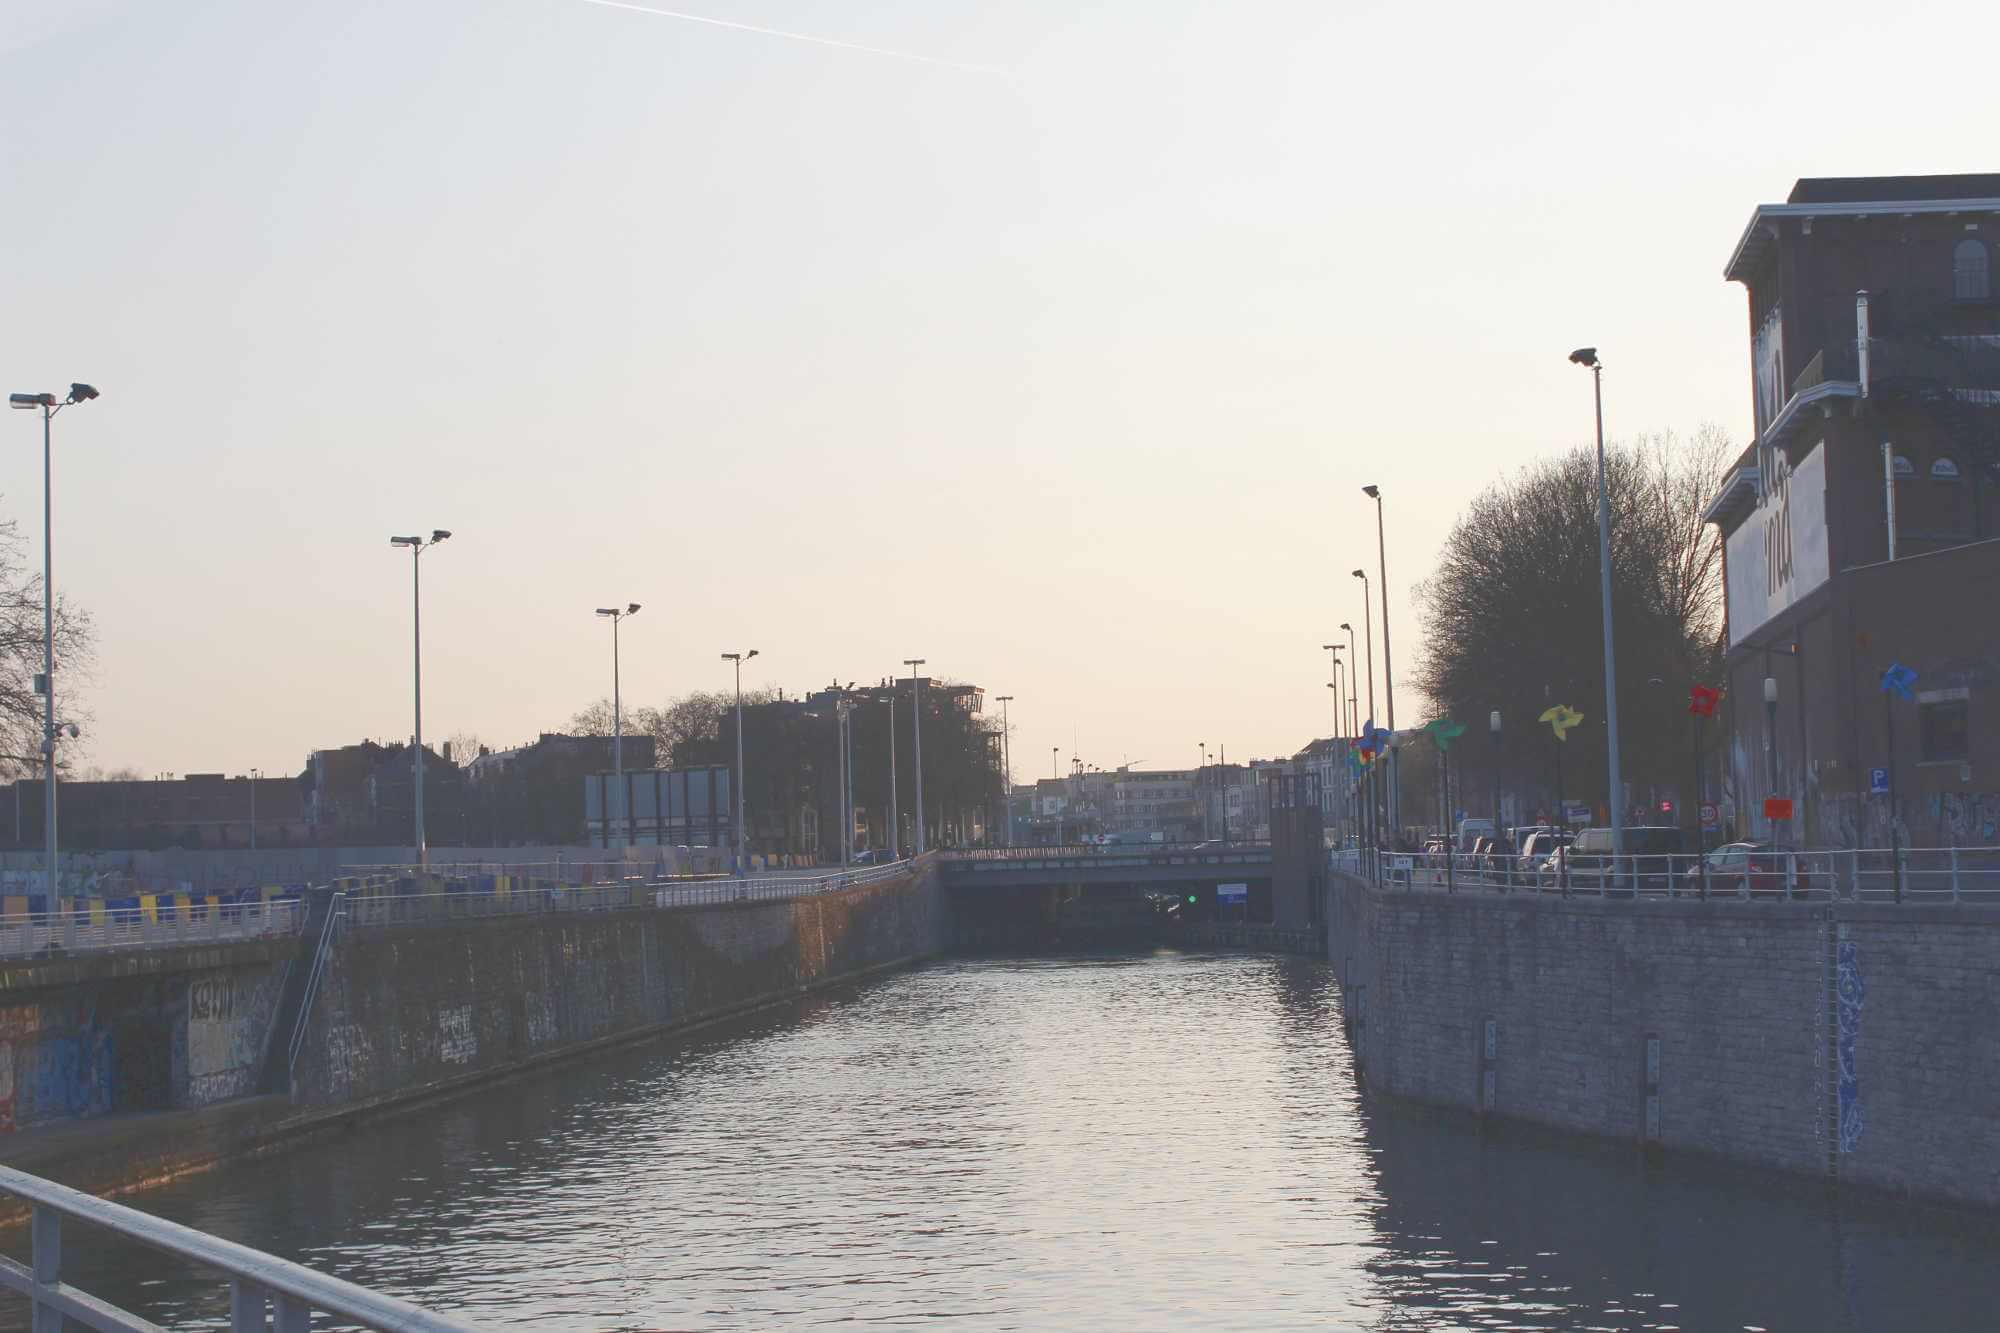 Sonnenuntergang mit Blick auf Brücke und Fluss Senne in Brüssel, Belgien